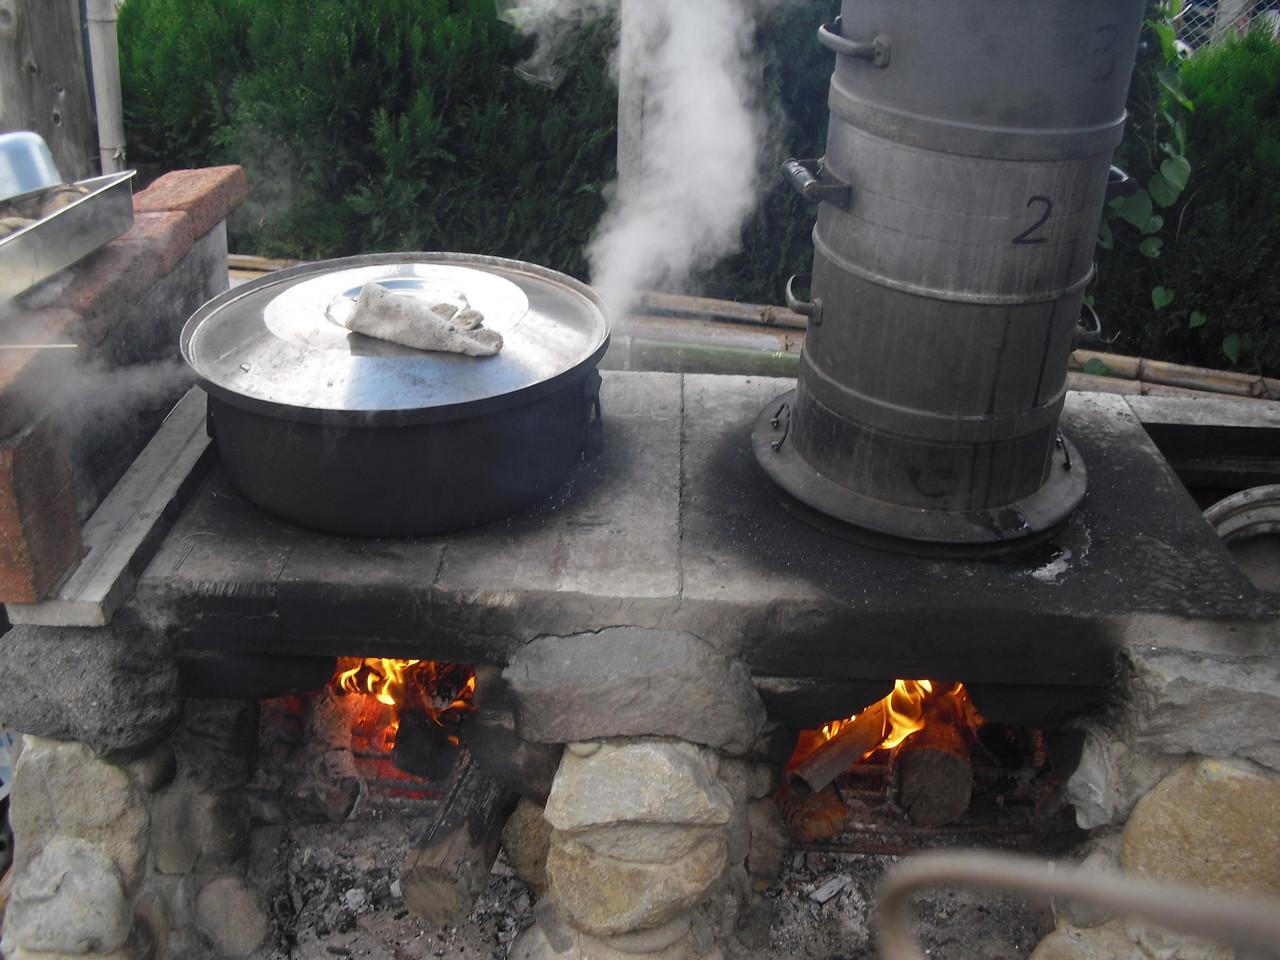 今日は朝早くから切干用のお芋を蒸かしています。